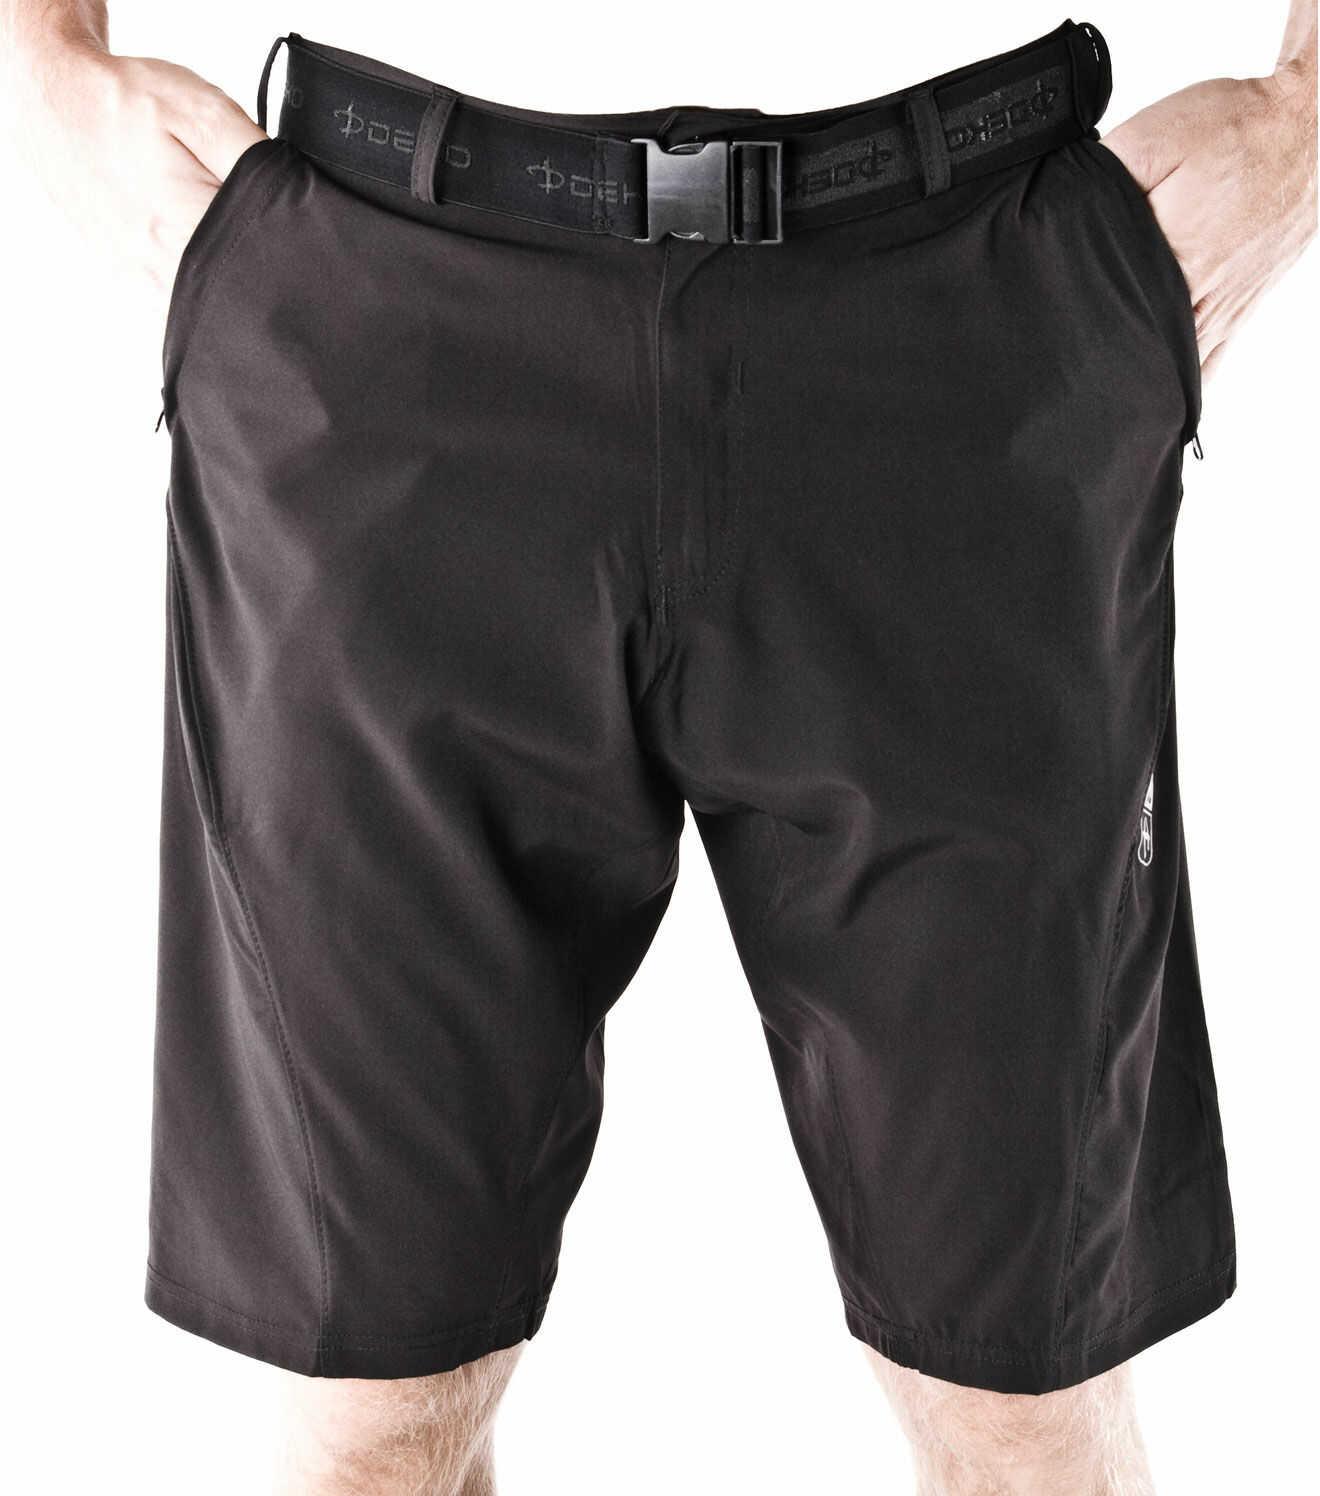 DEKO V1 luźne szorty rowerowe MTB/XC, czarne Rozmiar: L,deko-v1-mtb